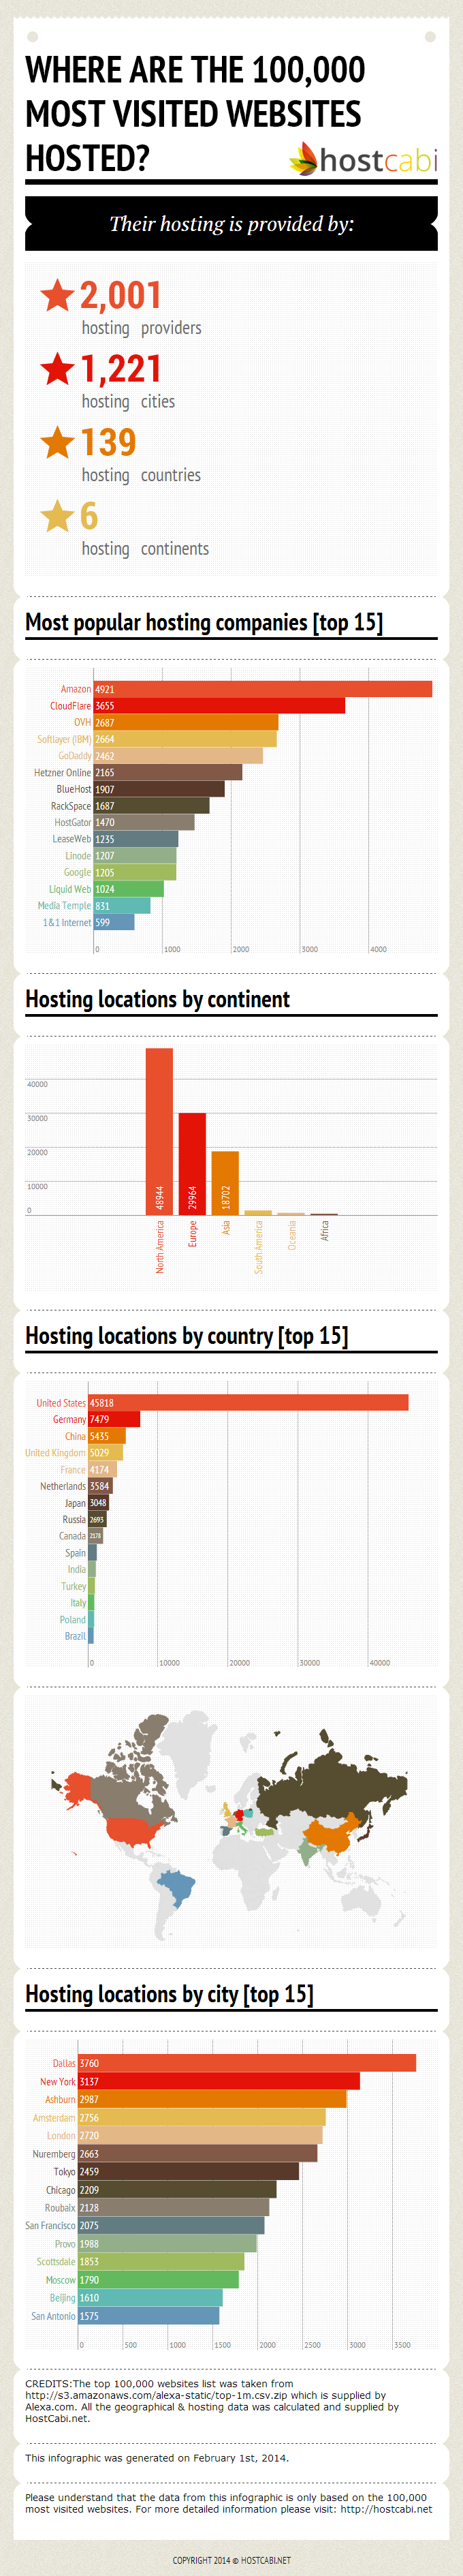 Hostcabi 2014 web hosting